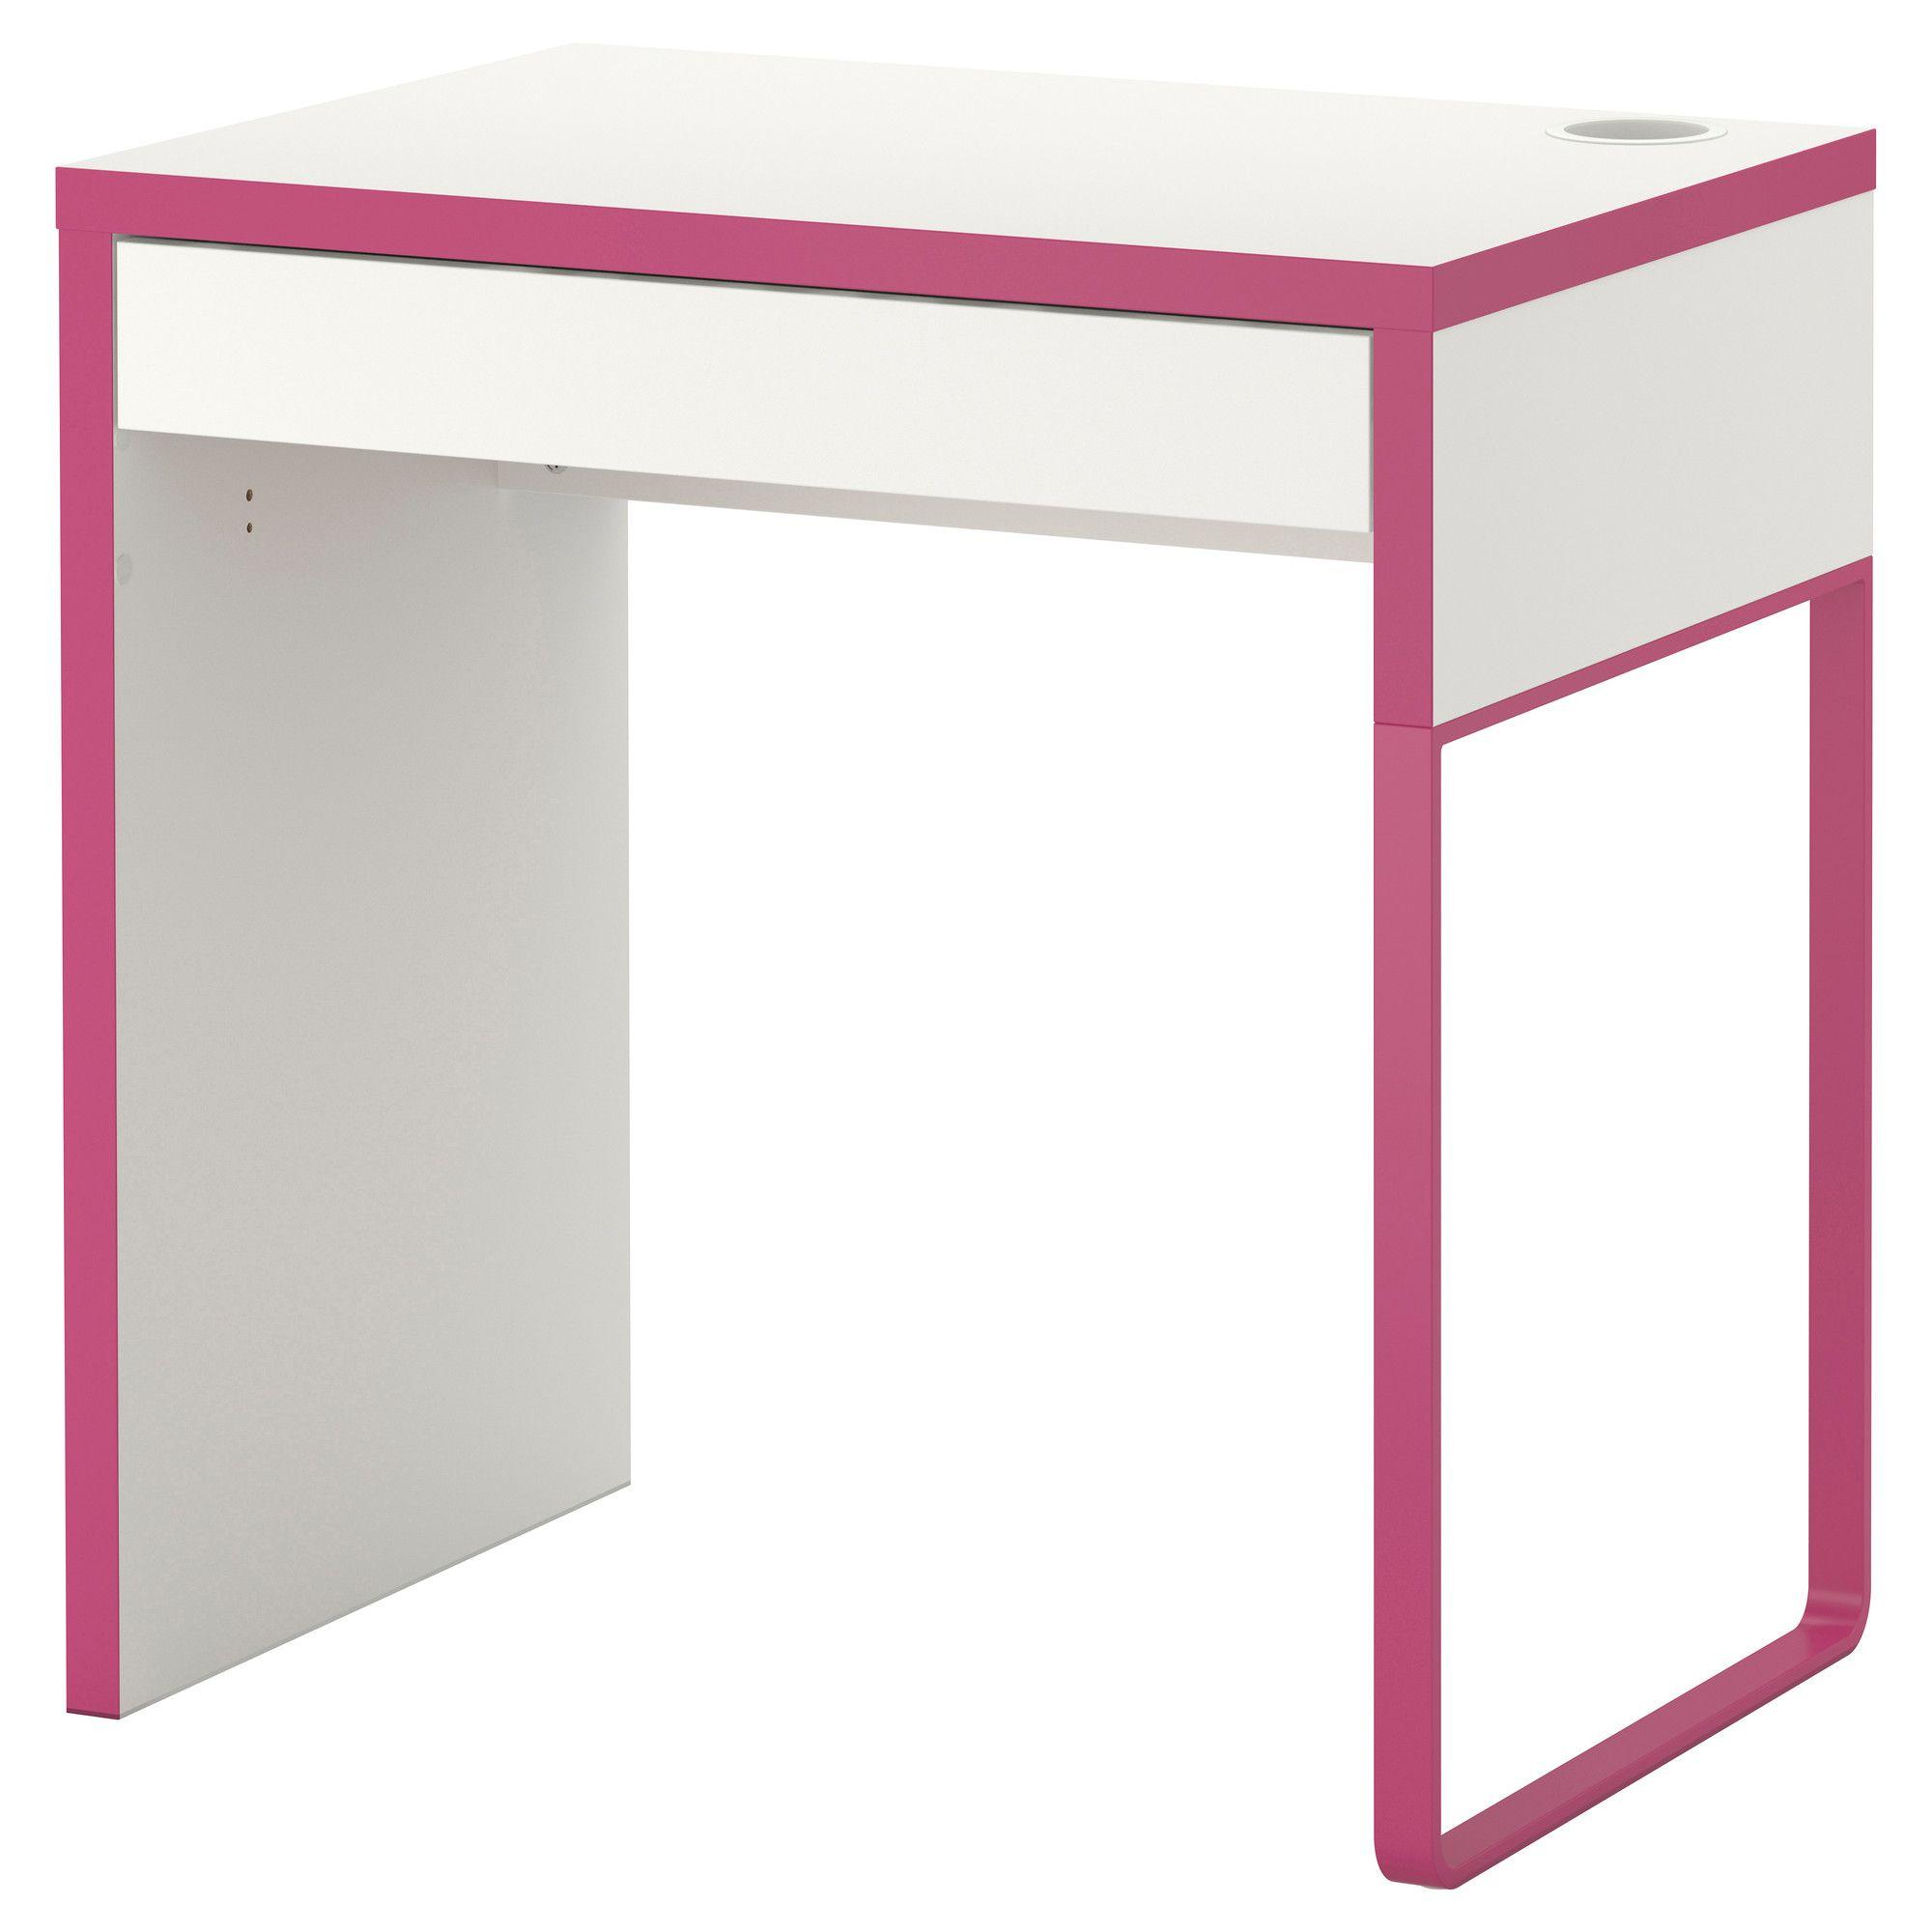 Ikea Bureau Zwart Wit.Meubels Verlichting Woondecoratie En Meer Ikea Desk Wit